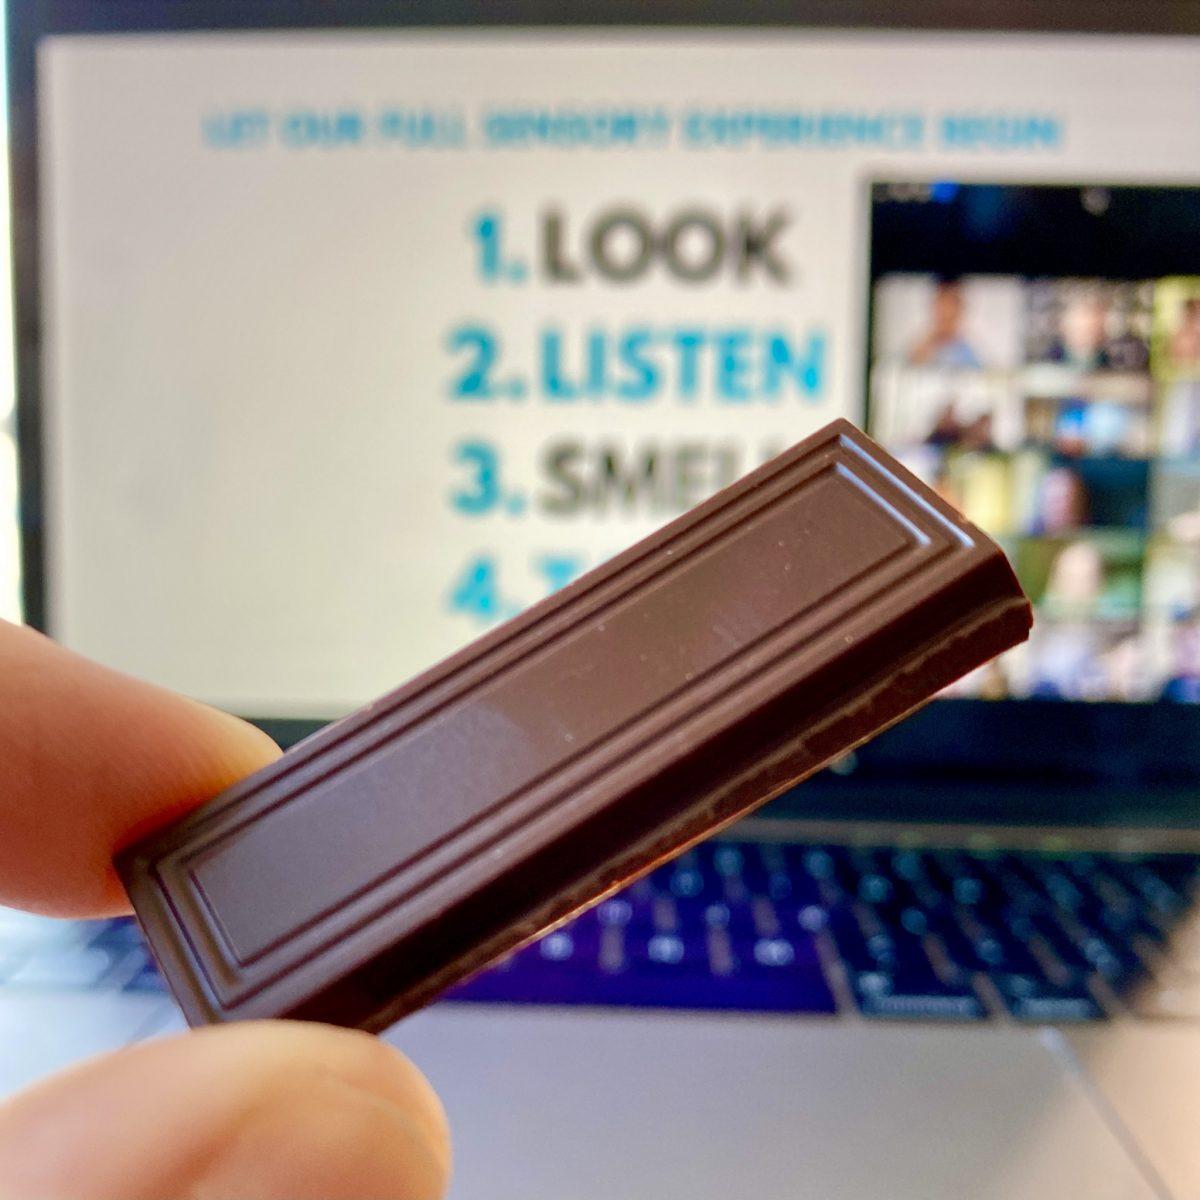 Virtual Chocolate Tasting Single Origin